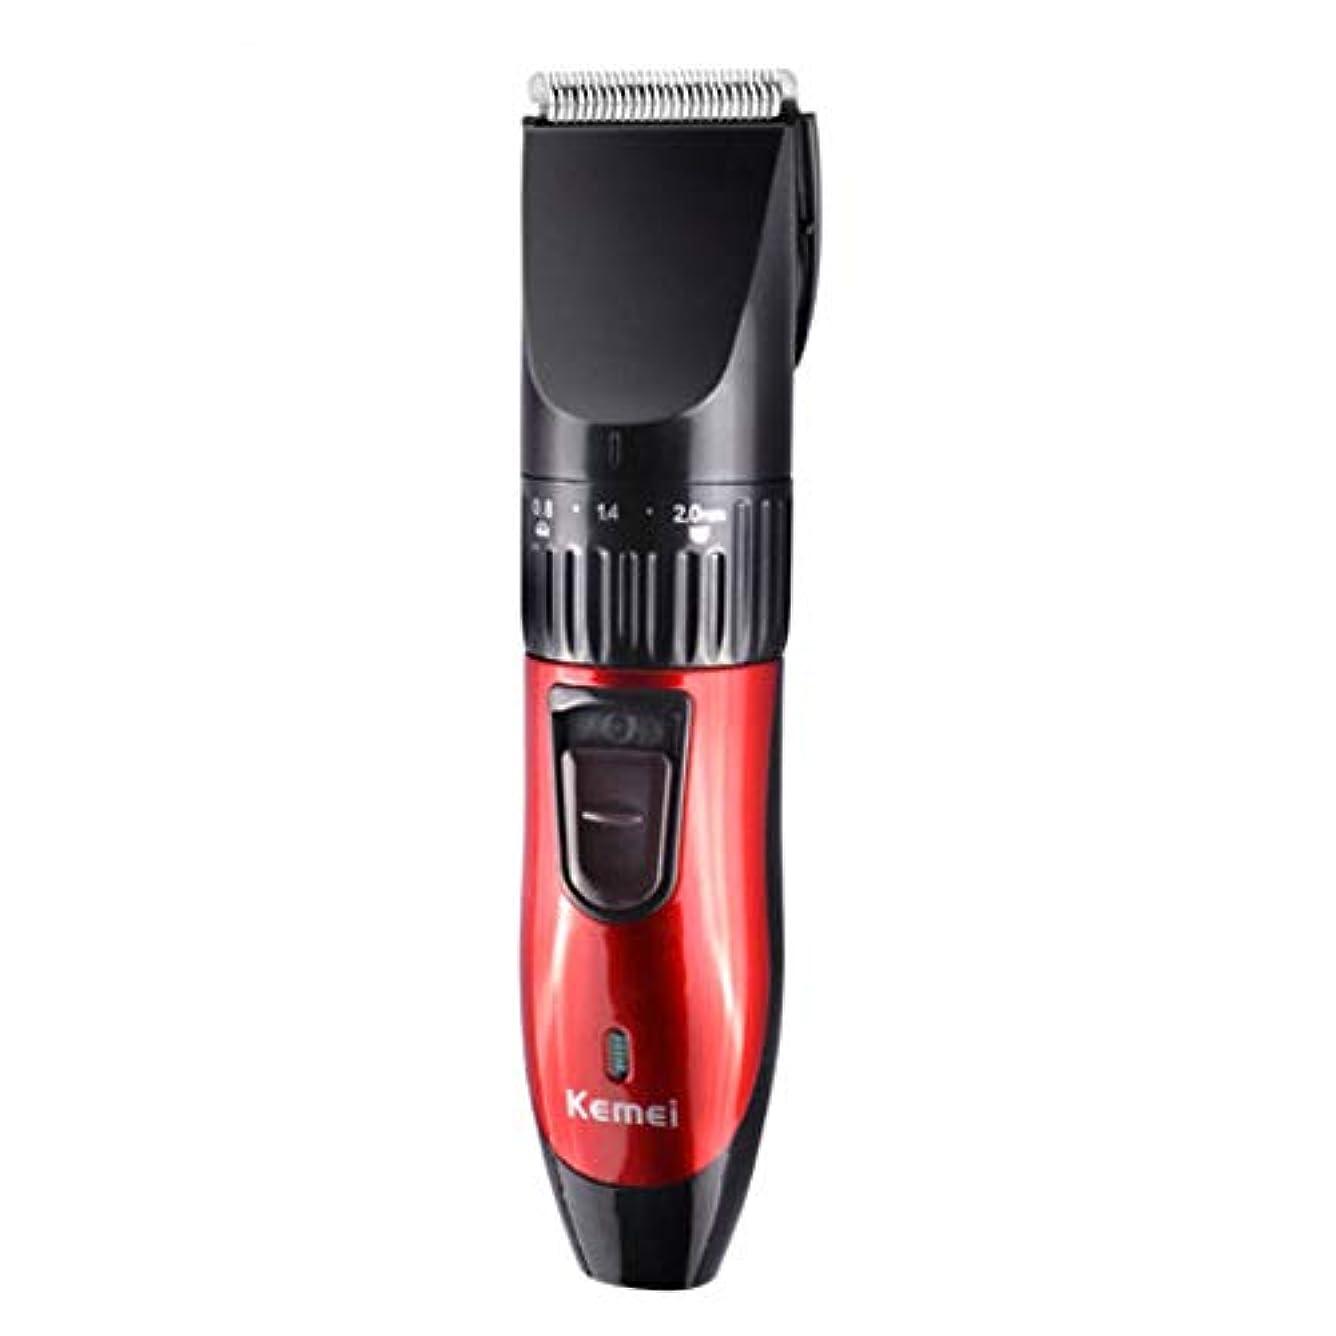 展示会モーテル右QINJLI 家庭用髪クリッパー充電式乾燥電気デュアル使用インジケーター光制限くし 16 * 4 cm